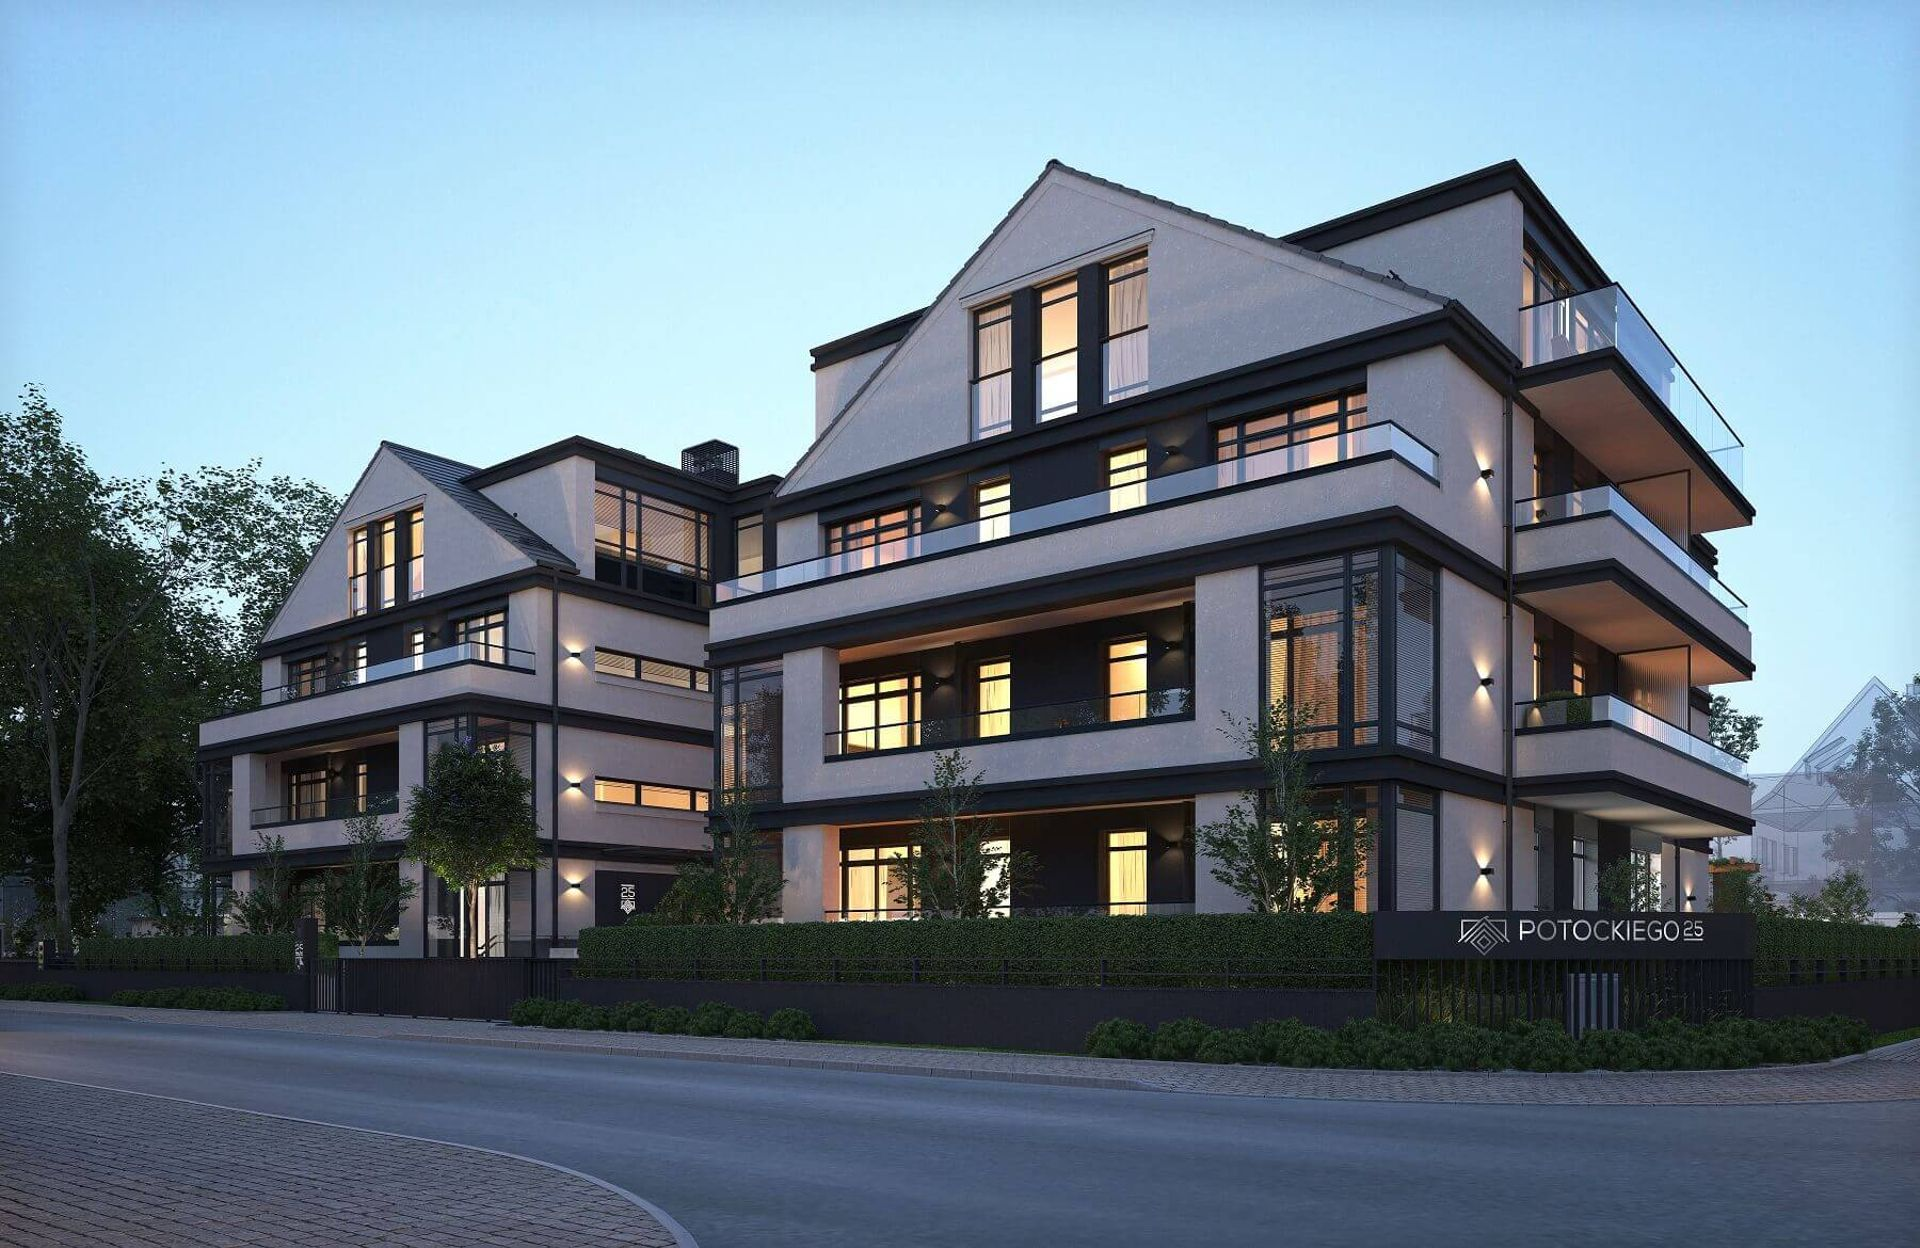 Potockiego 25 – Wrocław Investment buduje kilkanaście apartamentów na Karłowicach